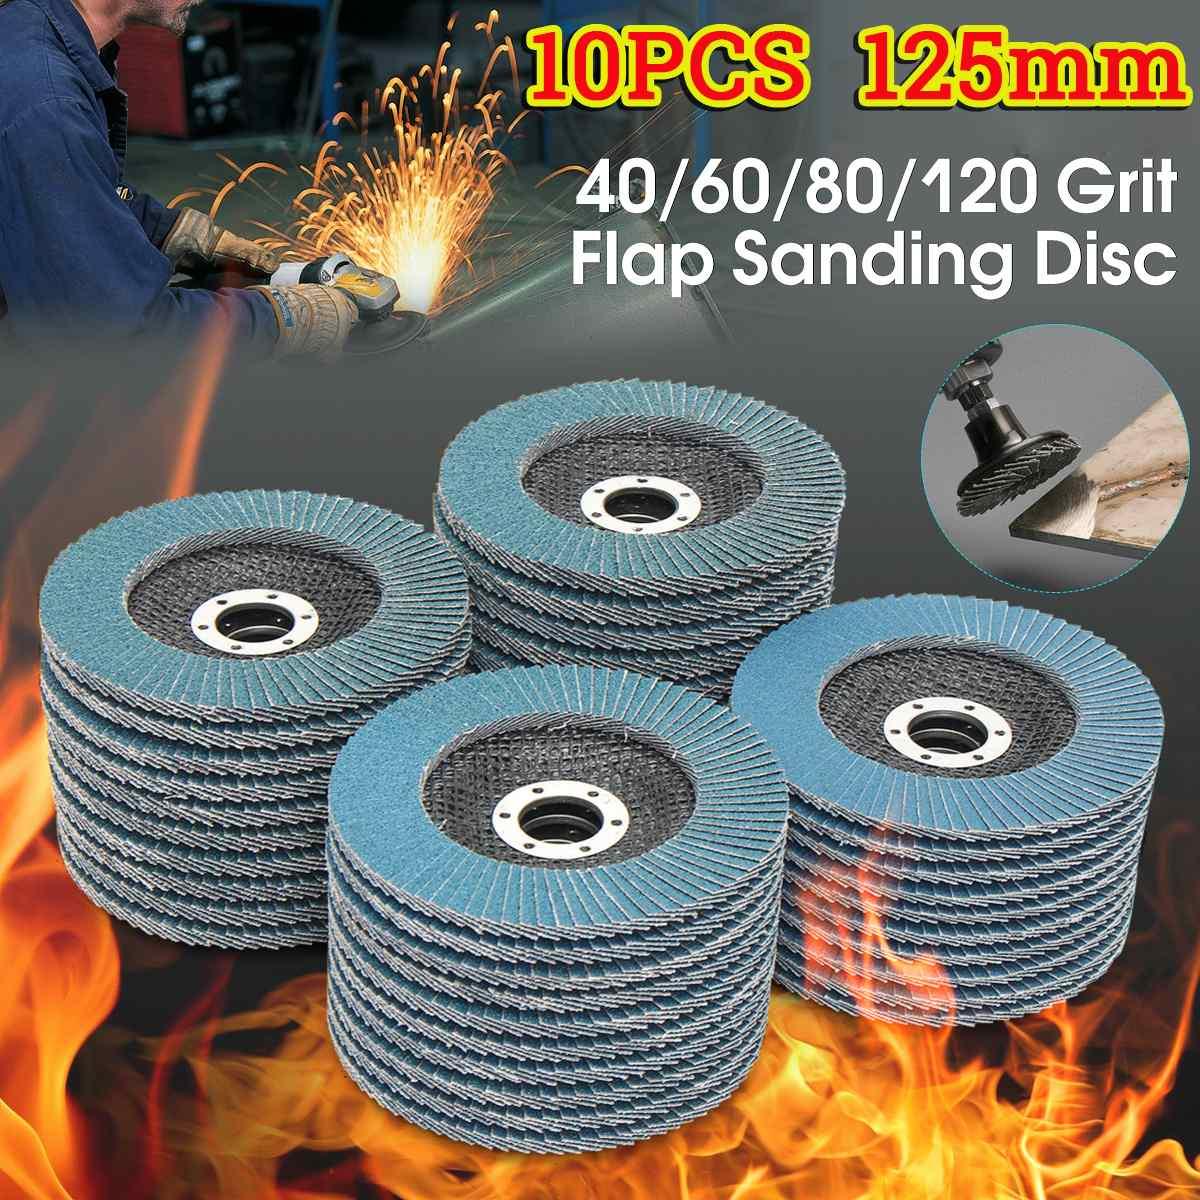 10tk 125mm professionaalsed klapikettad 5-tollised lihvkettad 40/60/80/120 teraga, lihvkettade terad nurklihvija jaoks